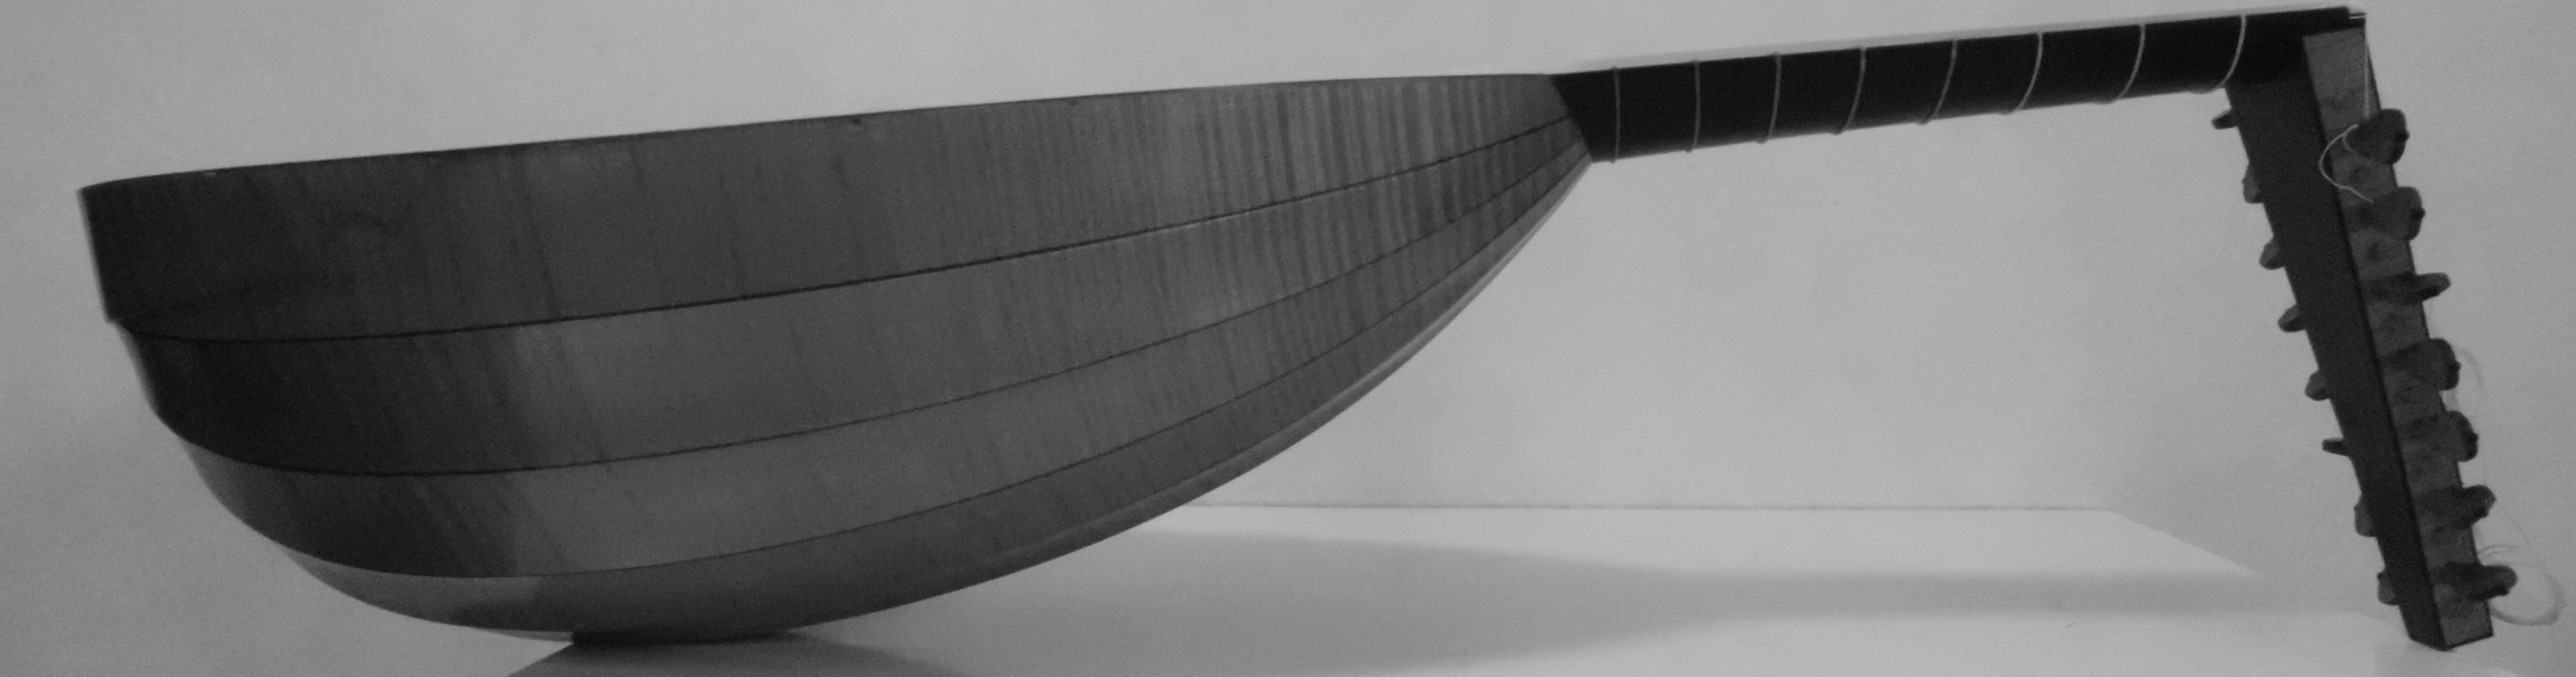 lute リュート クラシックギター ウクレレ 池袋 蕨川口 東京 教室